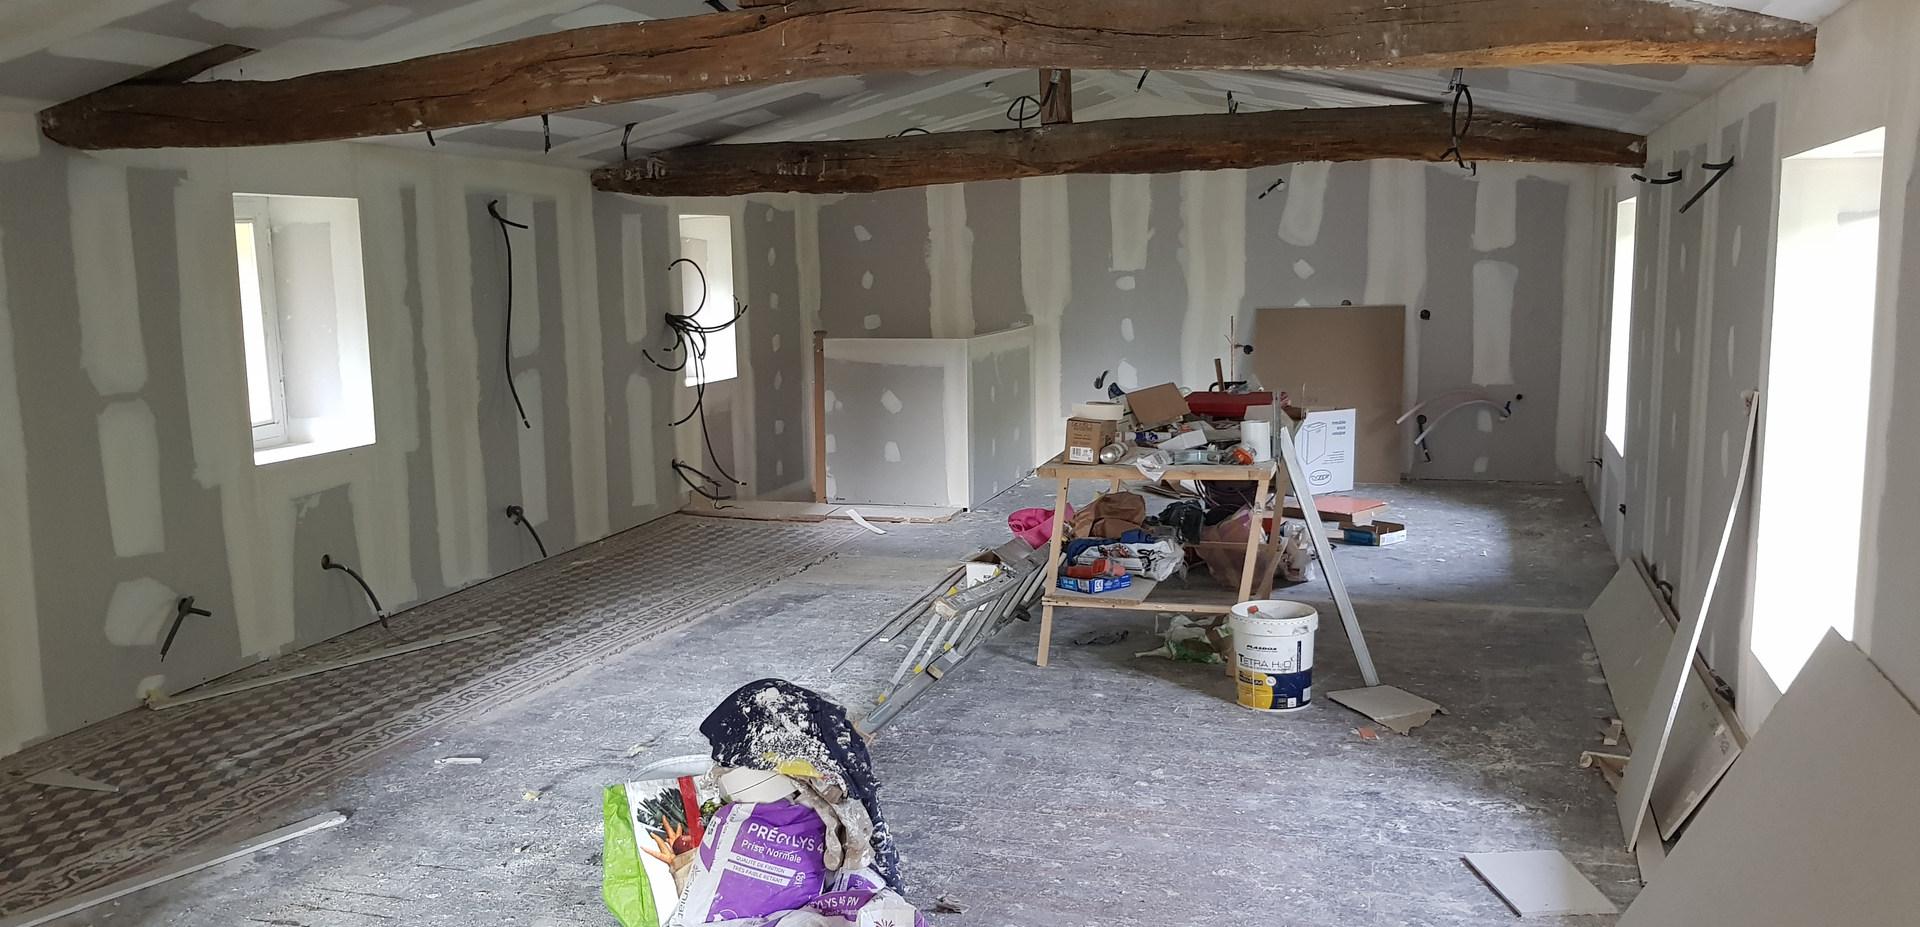 rénovation en plomberie et électricité d'une maison des années 1800